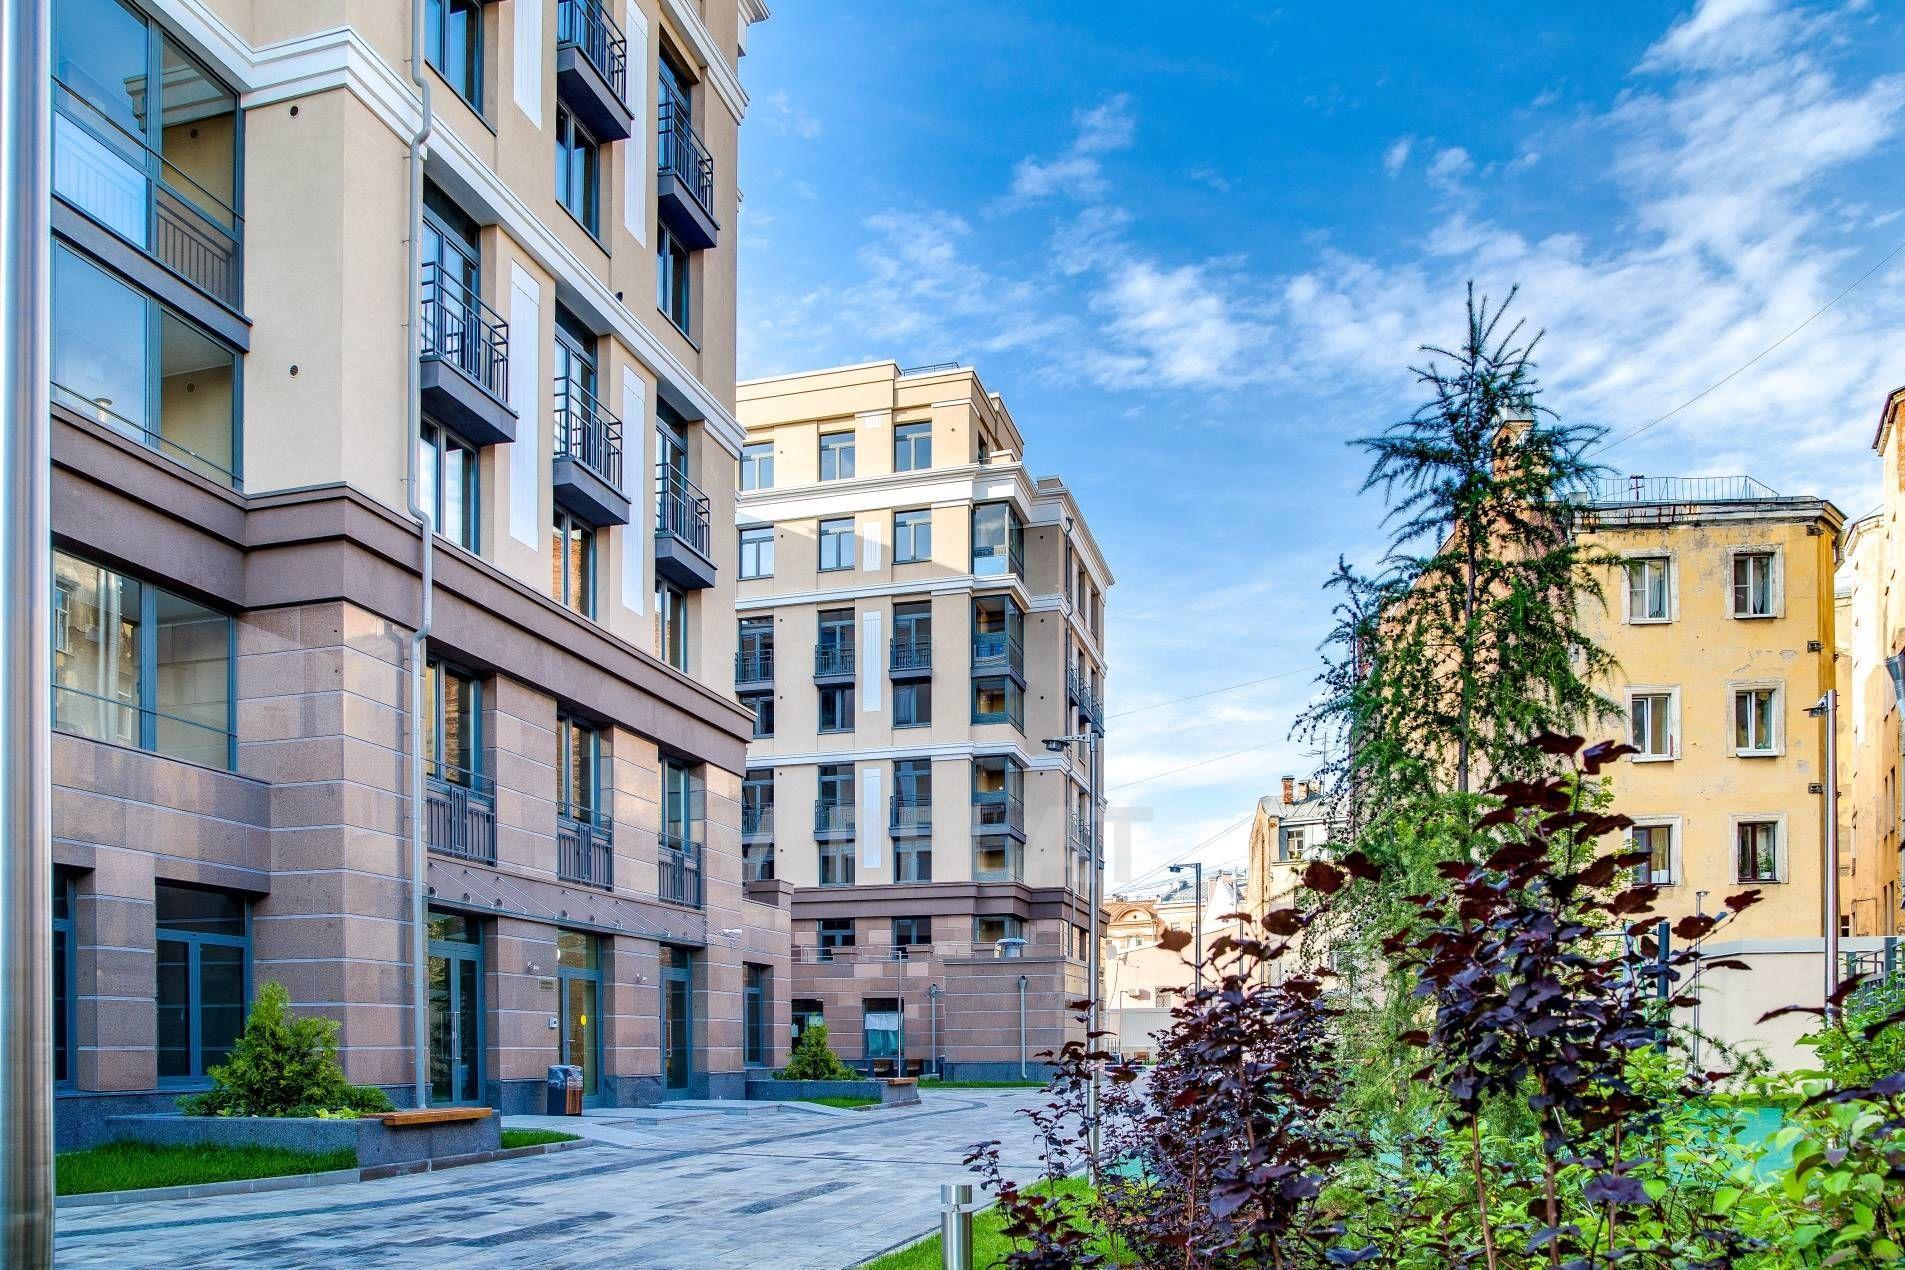 Продажа элитных квартир Санкт-Петербурга. Полтавская ул., 7 Тихий закрытый двор